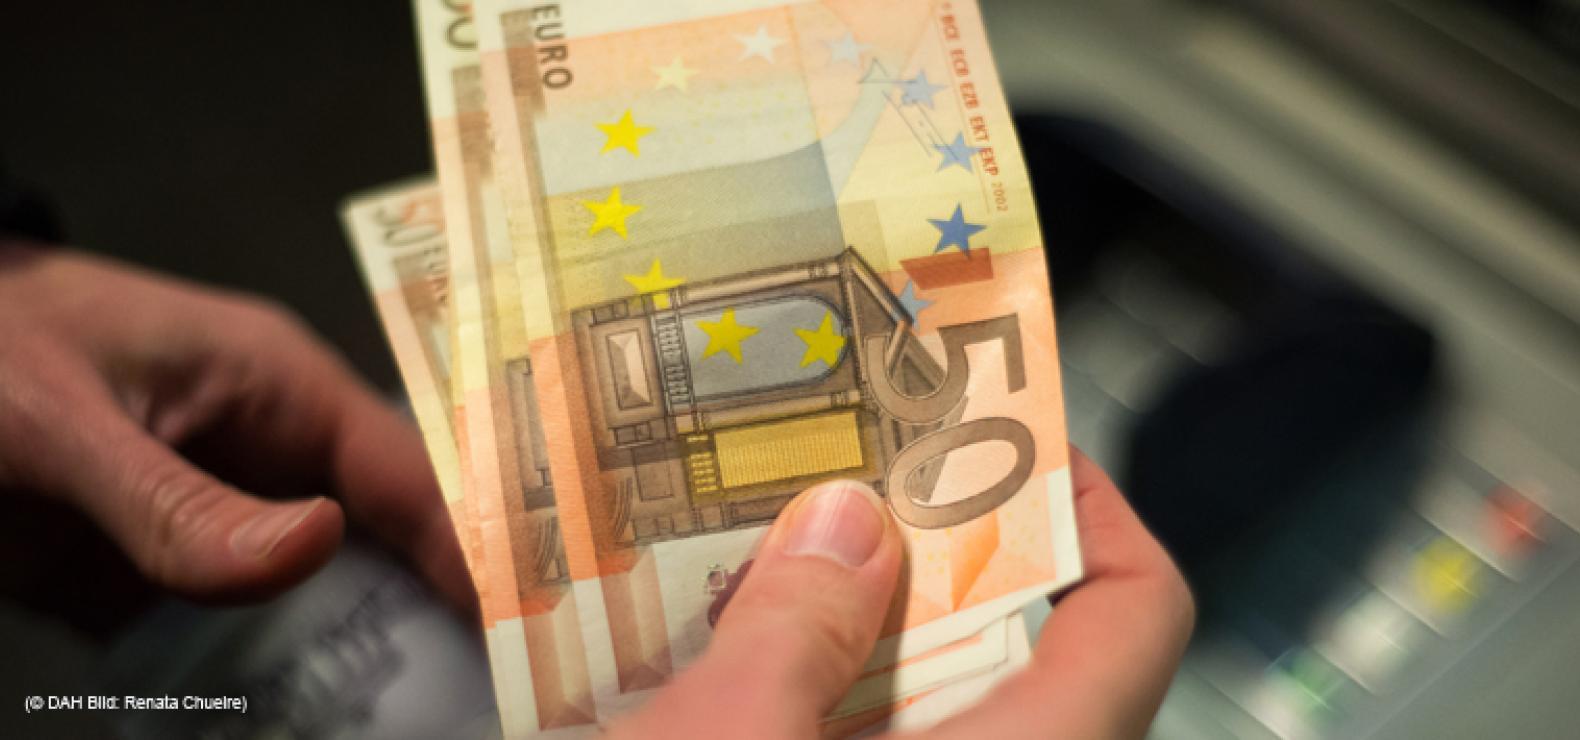 50-Euro-PrEP kann HIV-Infektionen verhindern und Kosten fürs Gesundheitssystem sparen